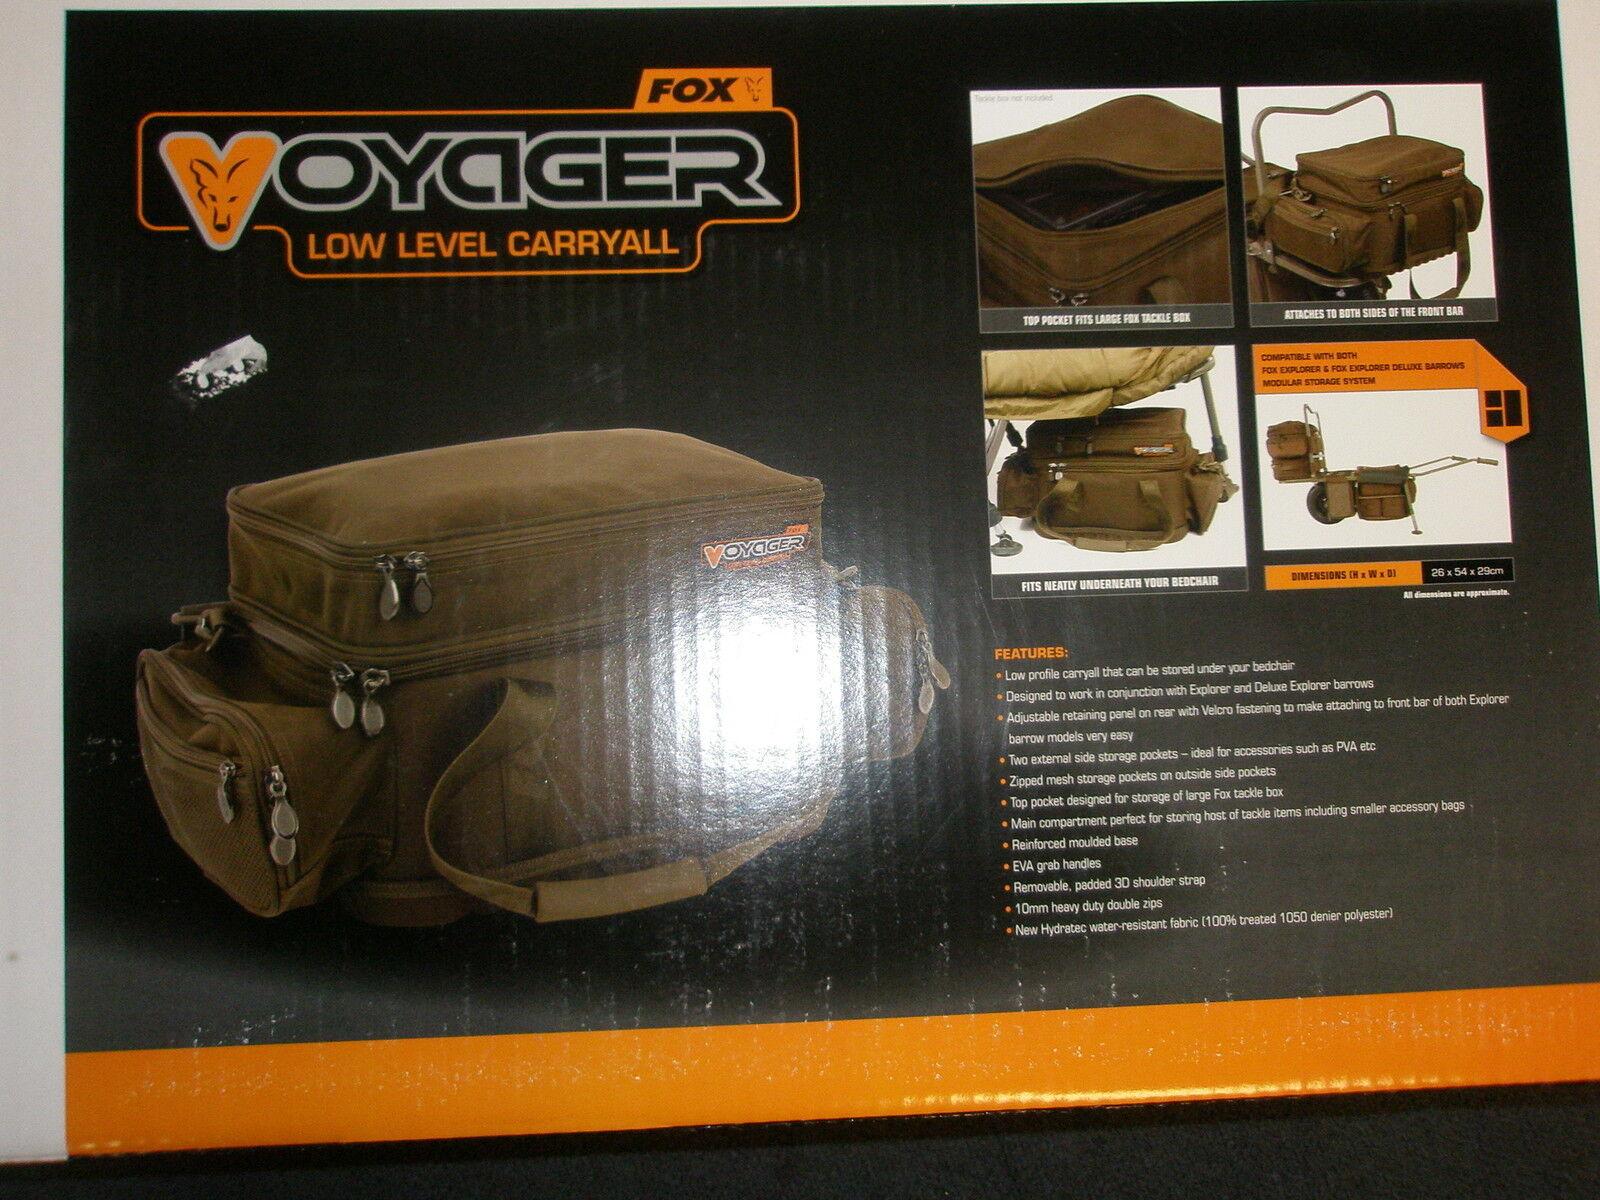 Fox  Voyager bajo nivel Cocheryall Aparejos de Pesca de Cochepa  Envío y cambio gratis.